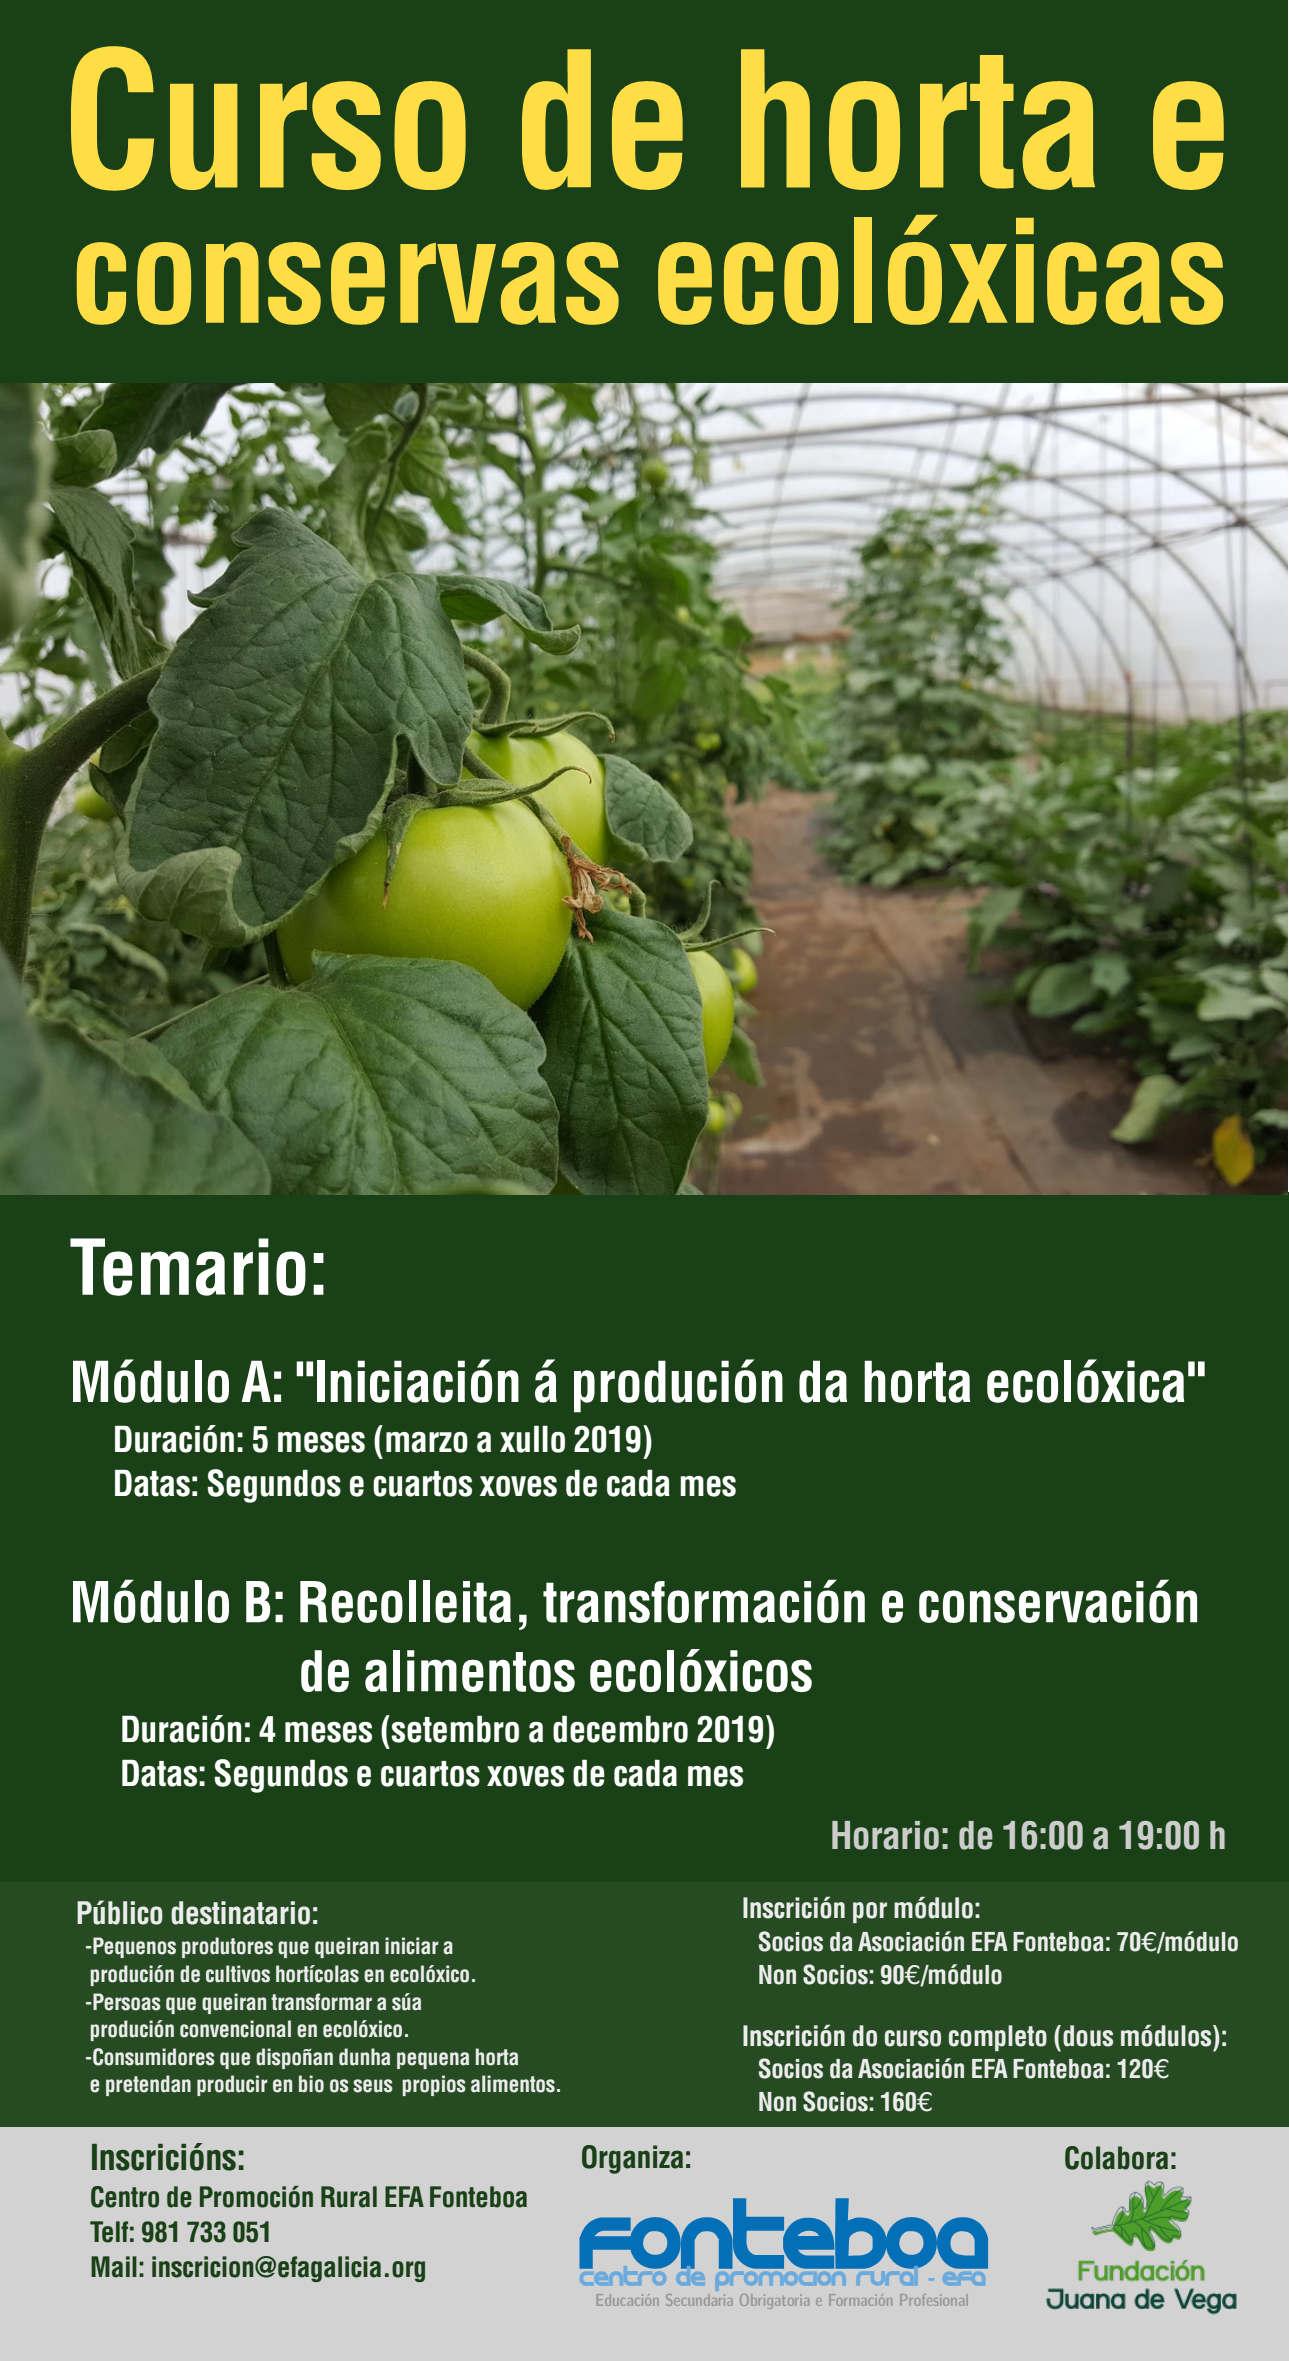 curso_horta_ecoloxica_efa_fonteboa